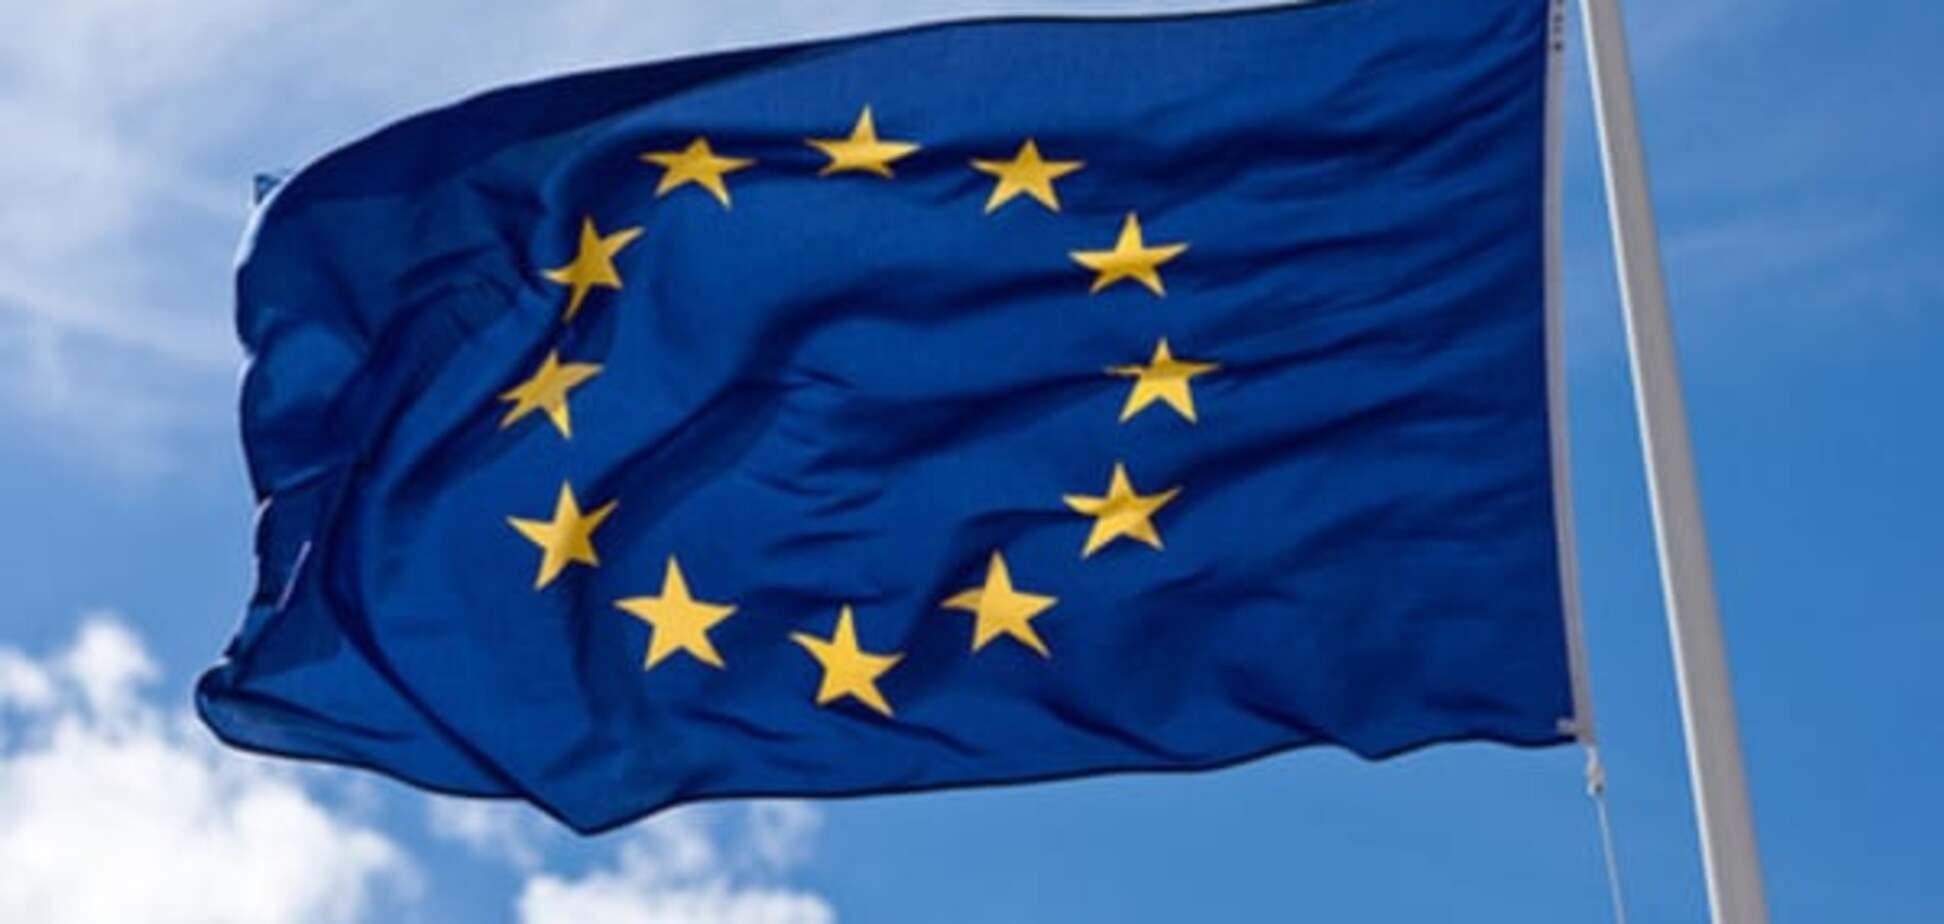 Прецедент: одну з країн можуть виключити з Шенгенської зони